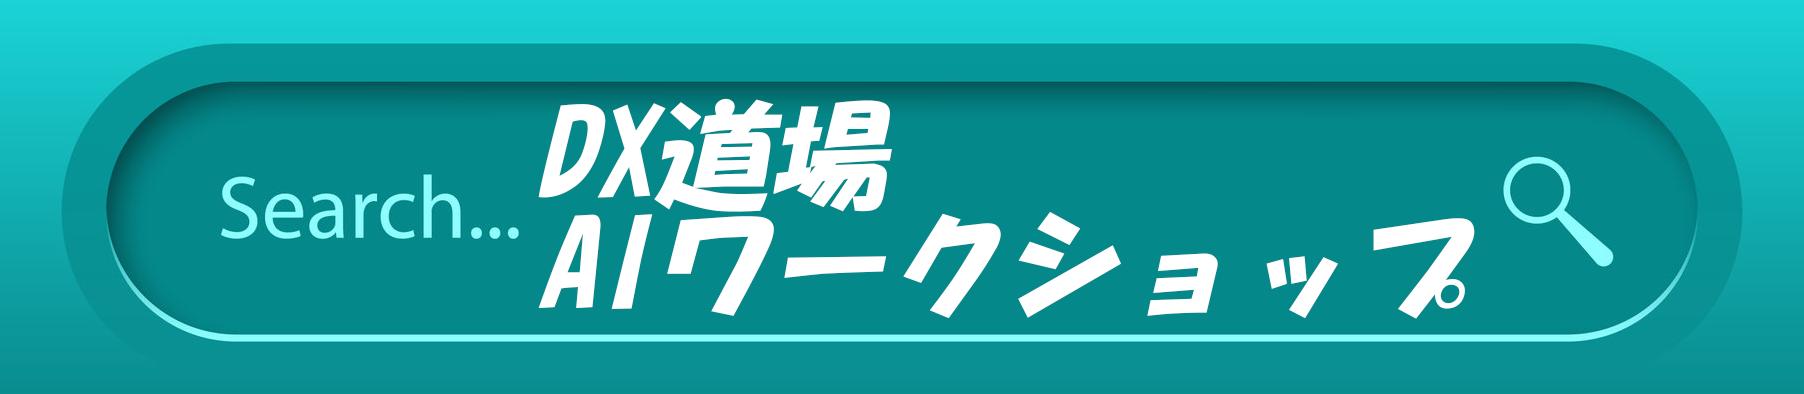 DX道場 AIワークショップ